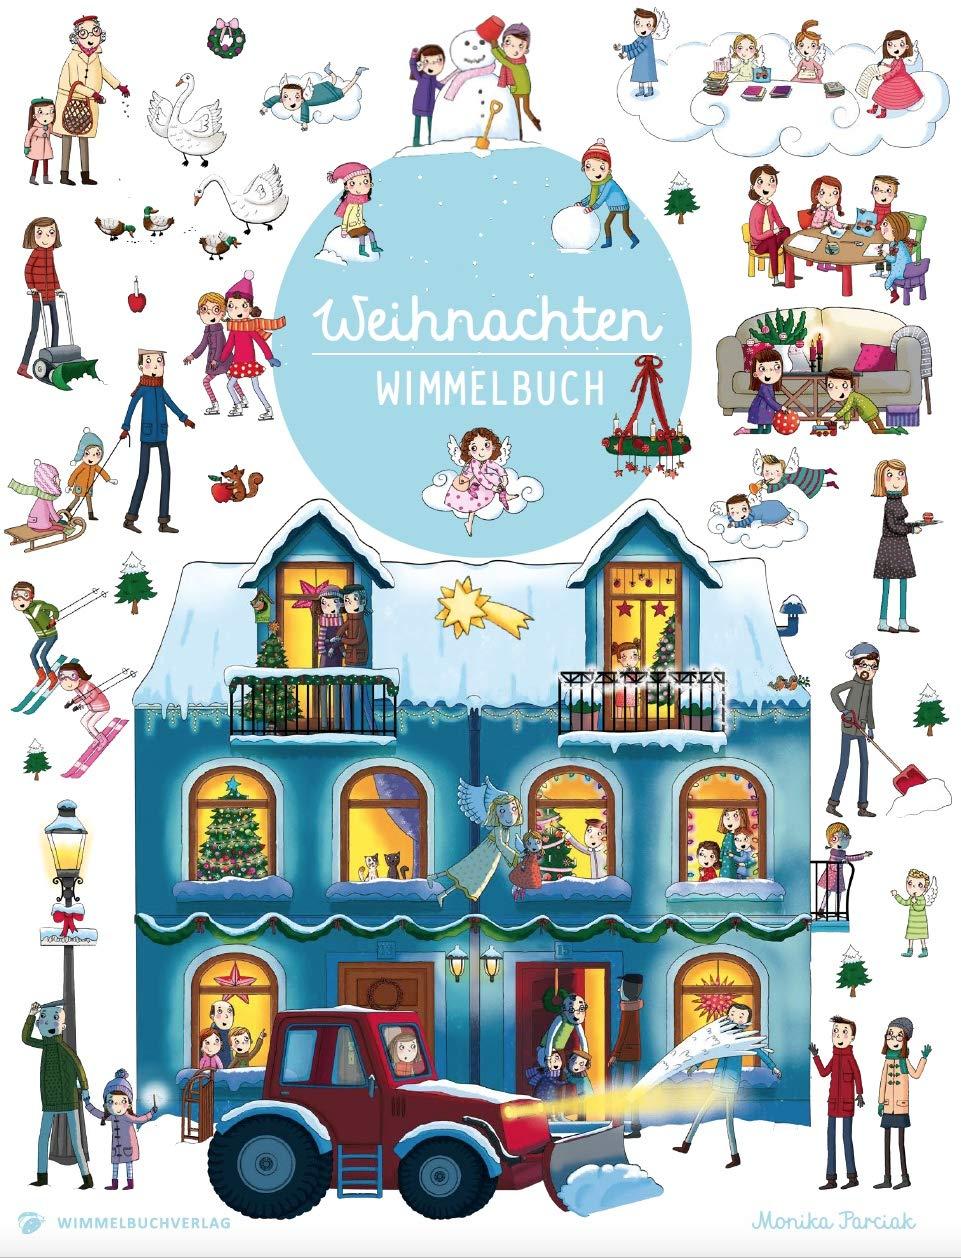 Weihnachten Wimmelbuch